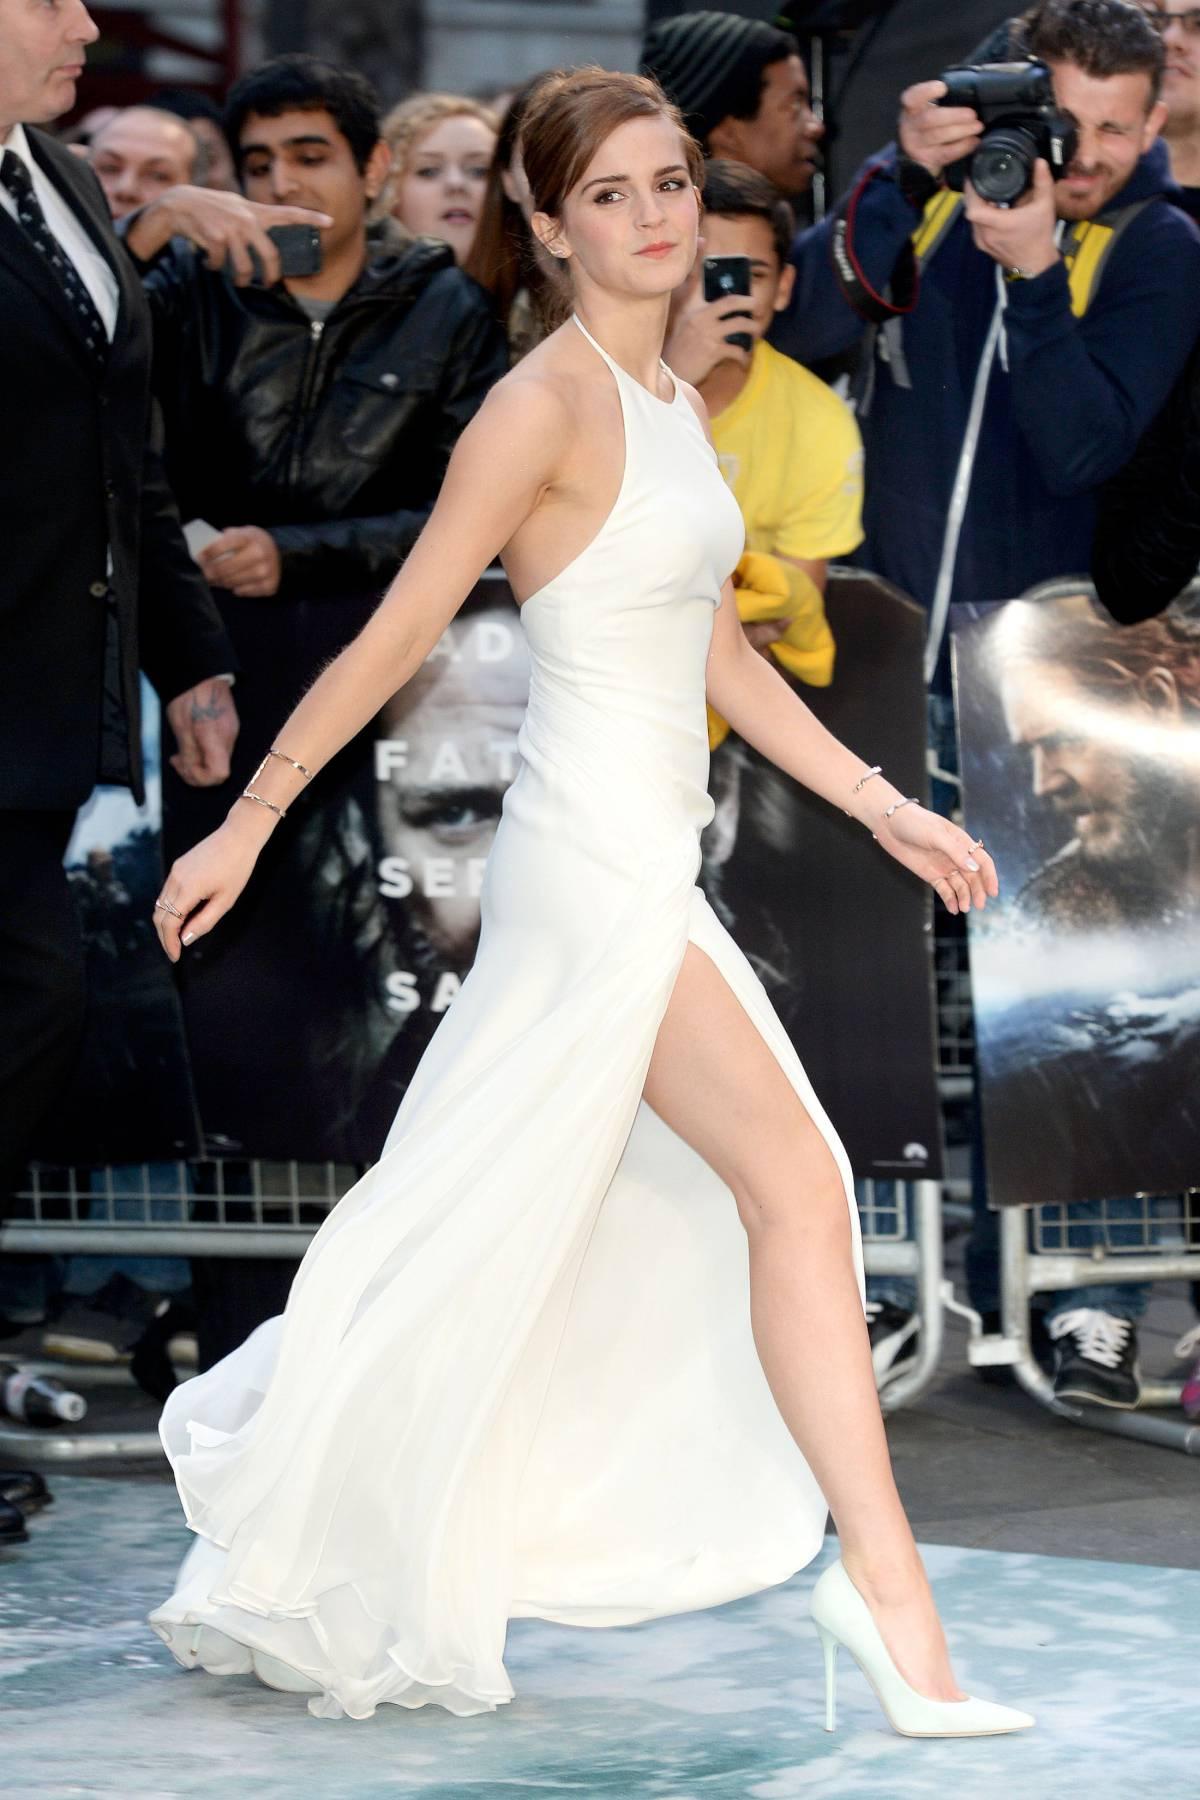 9. 艾瑪‧華森 (Emma Watson / 1990.04.15) 代表作: 《哈利波特》、《壁花男孩》、《諾亞》等